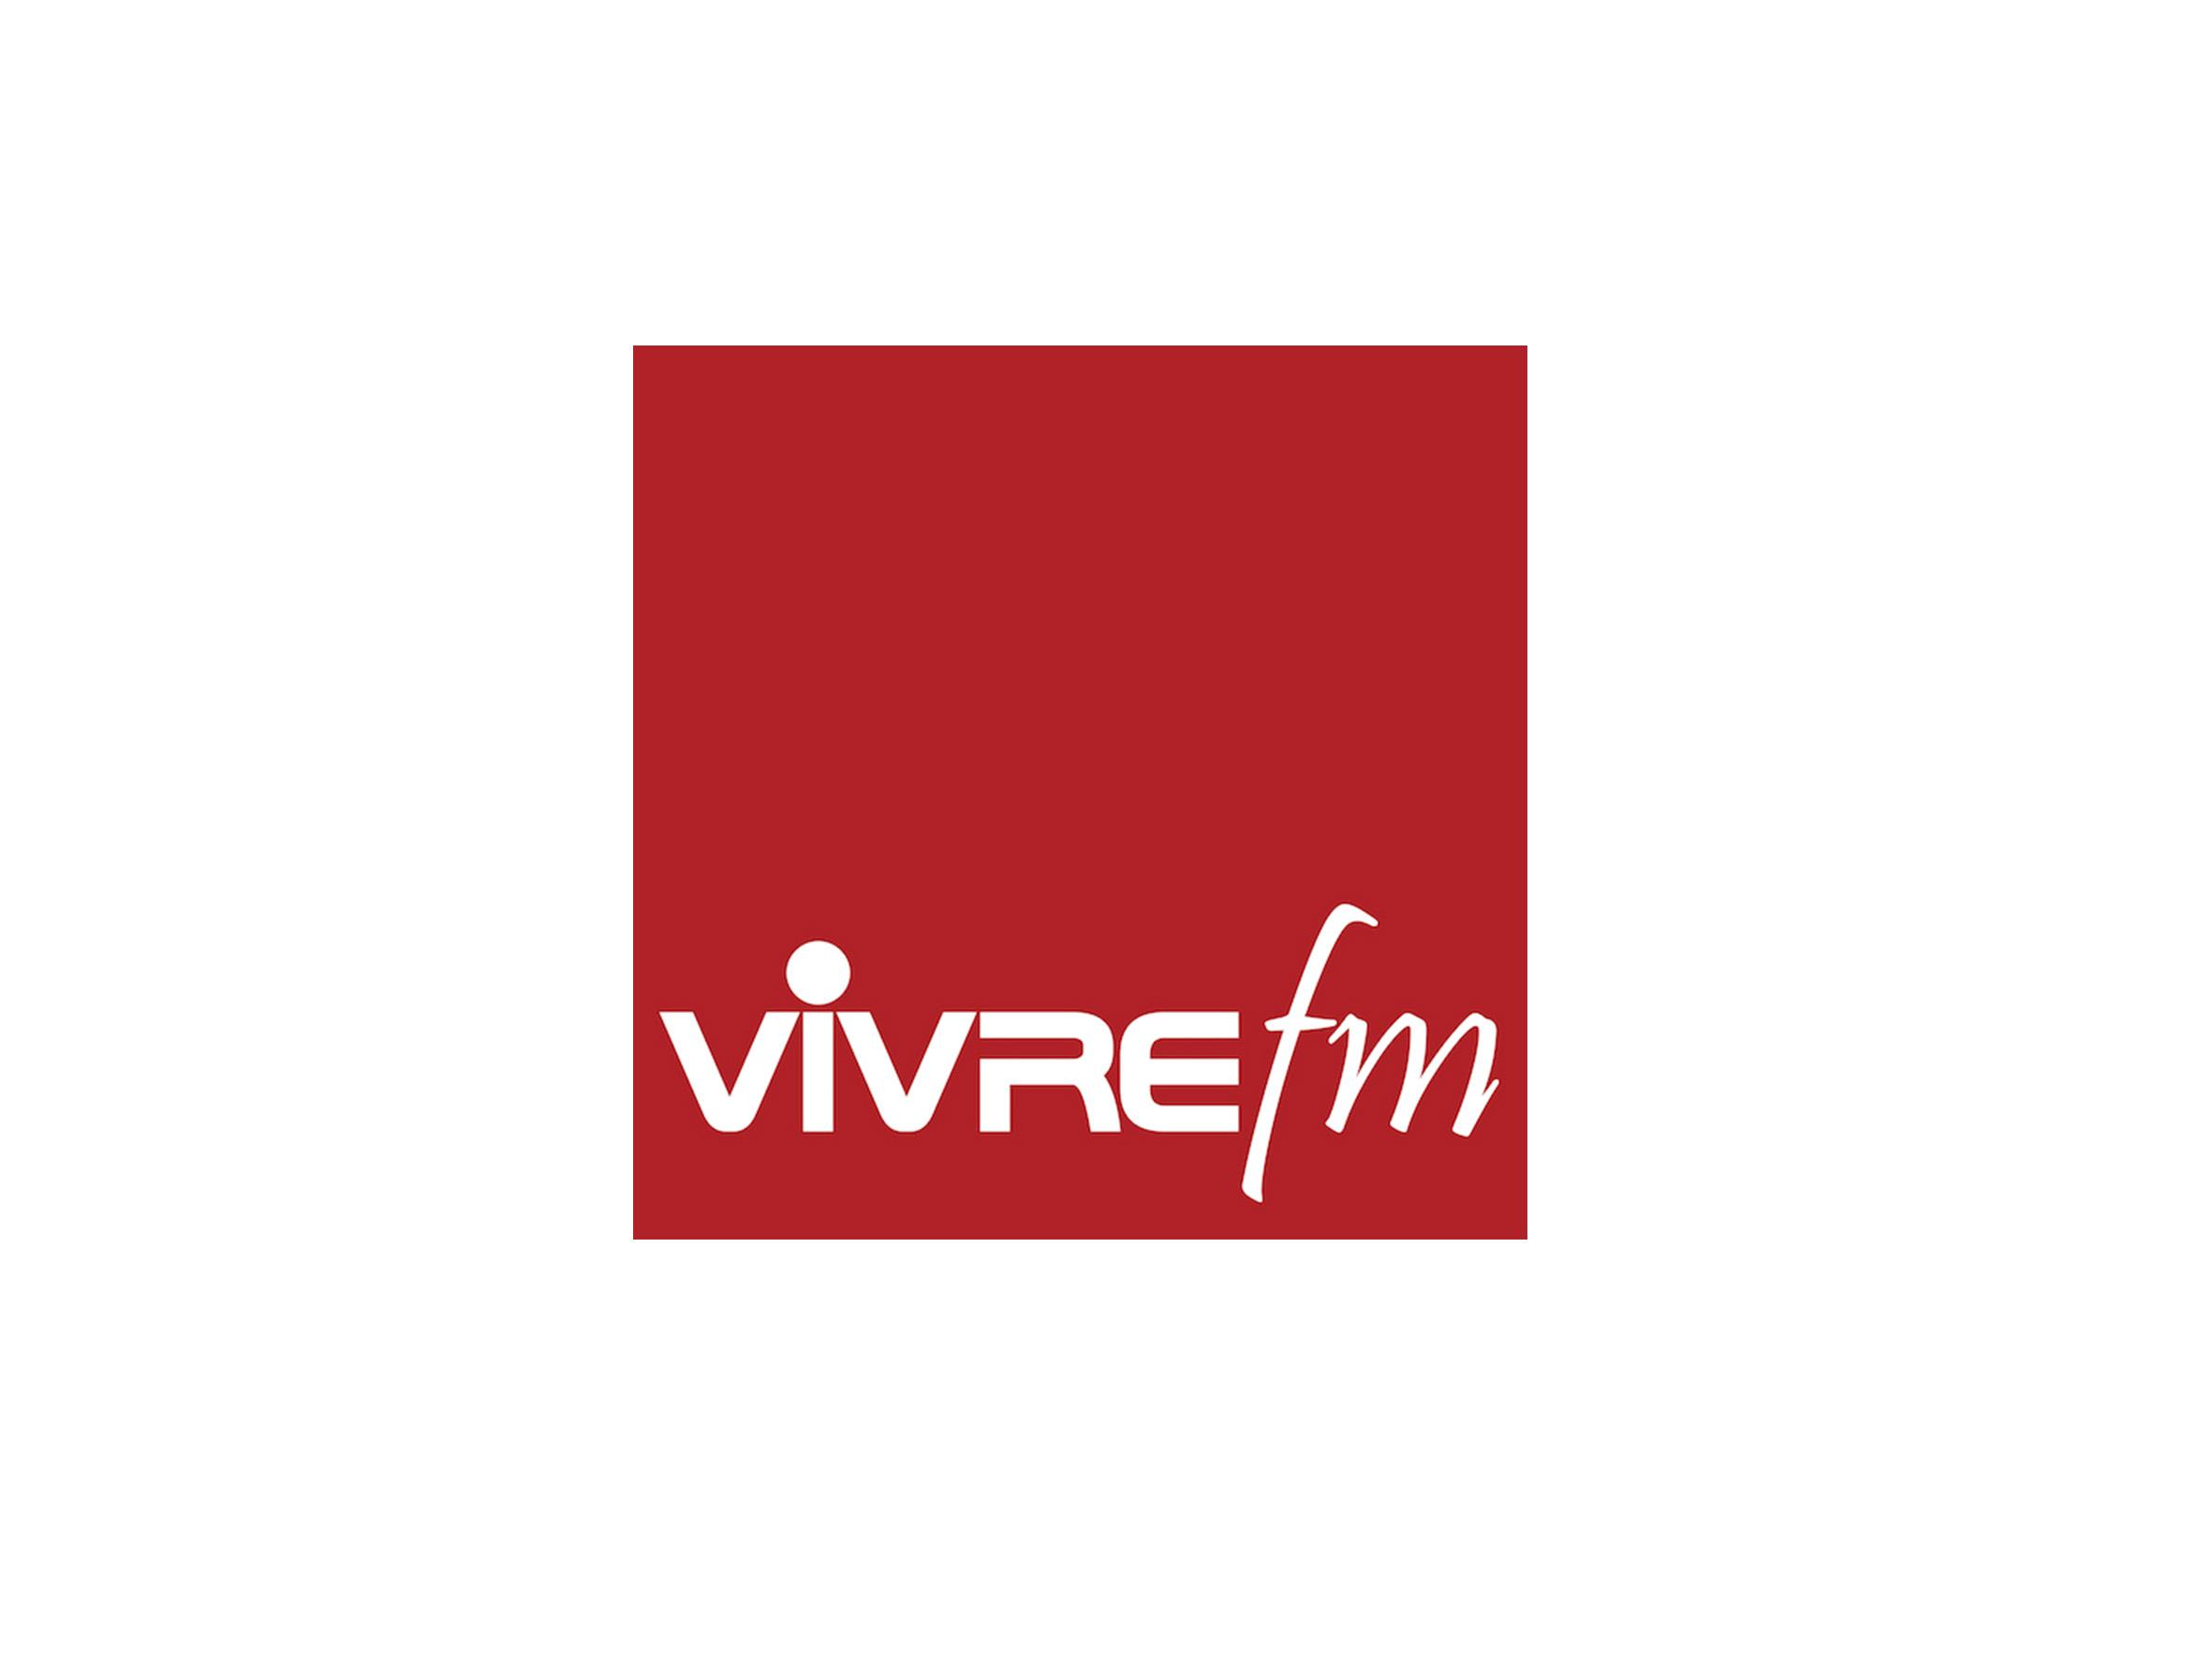 Logo Vivre FM - Médias - Jérôme Adam - Conférencier Entrepreneur